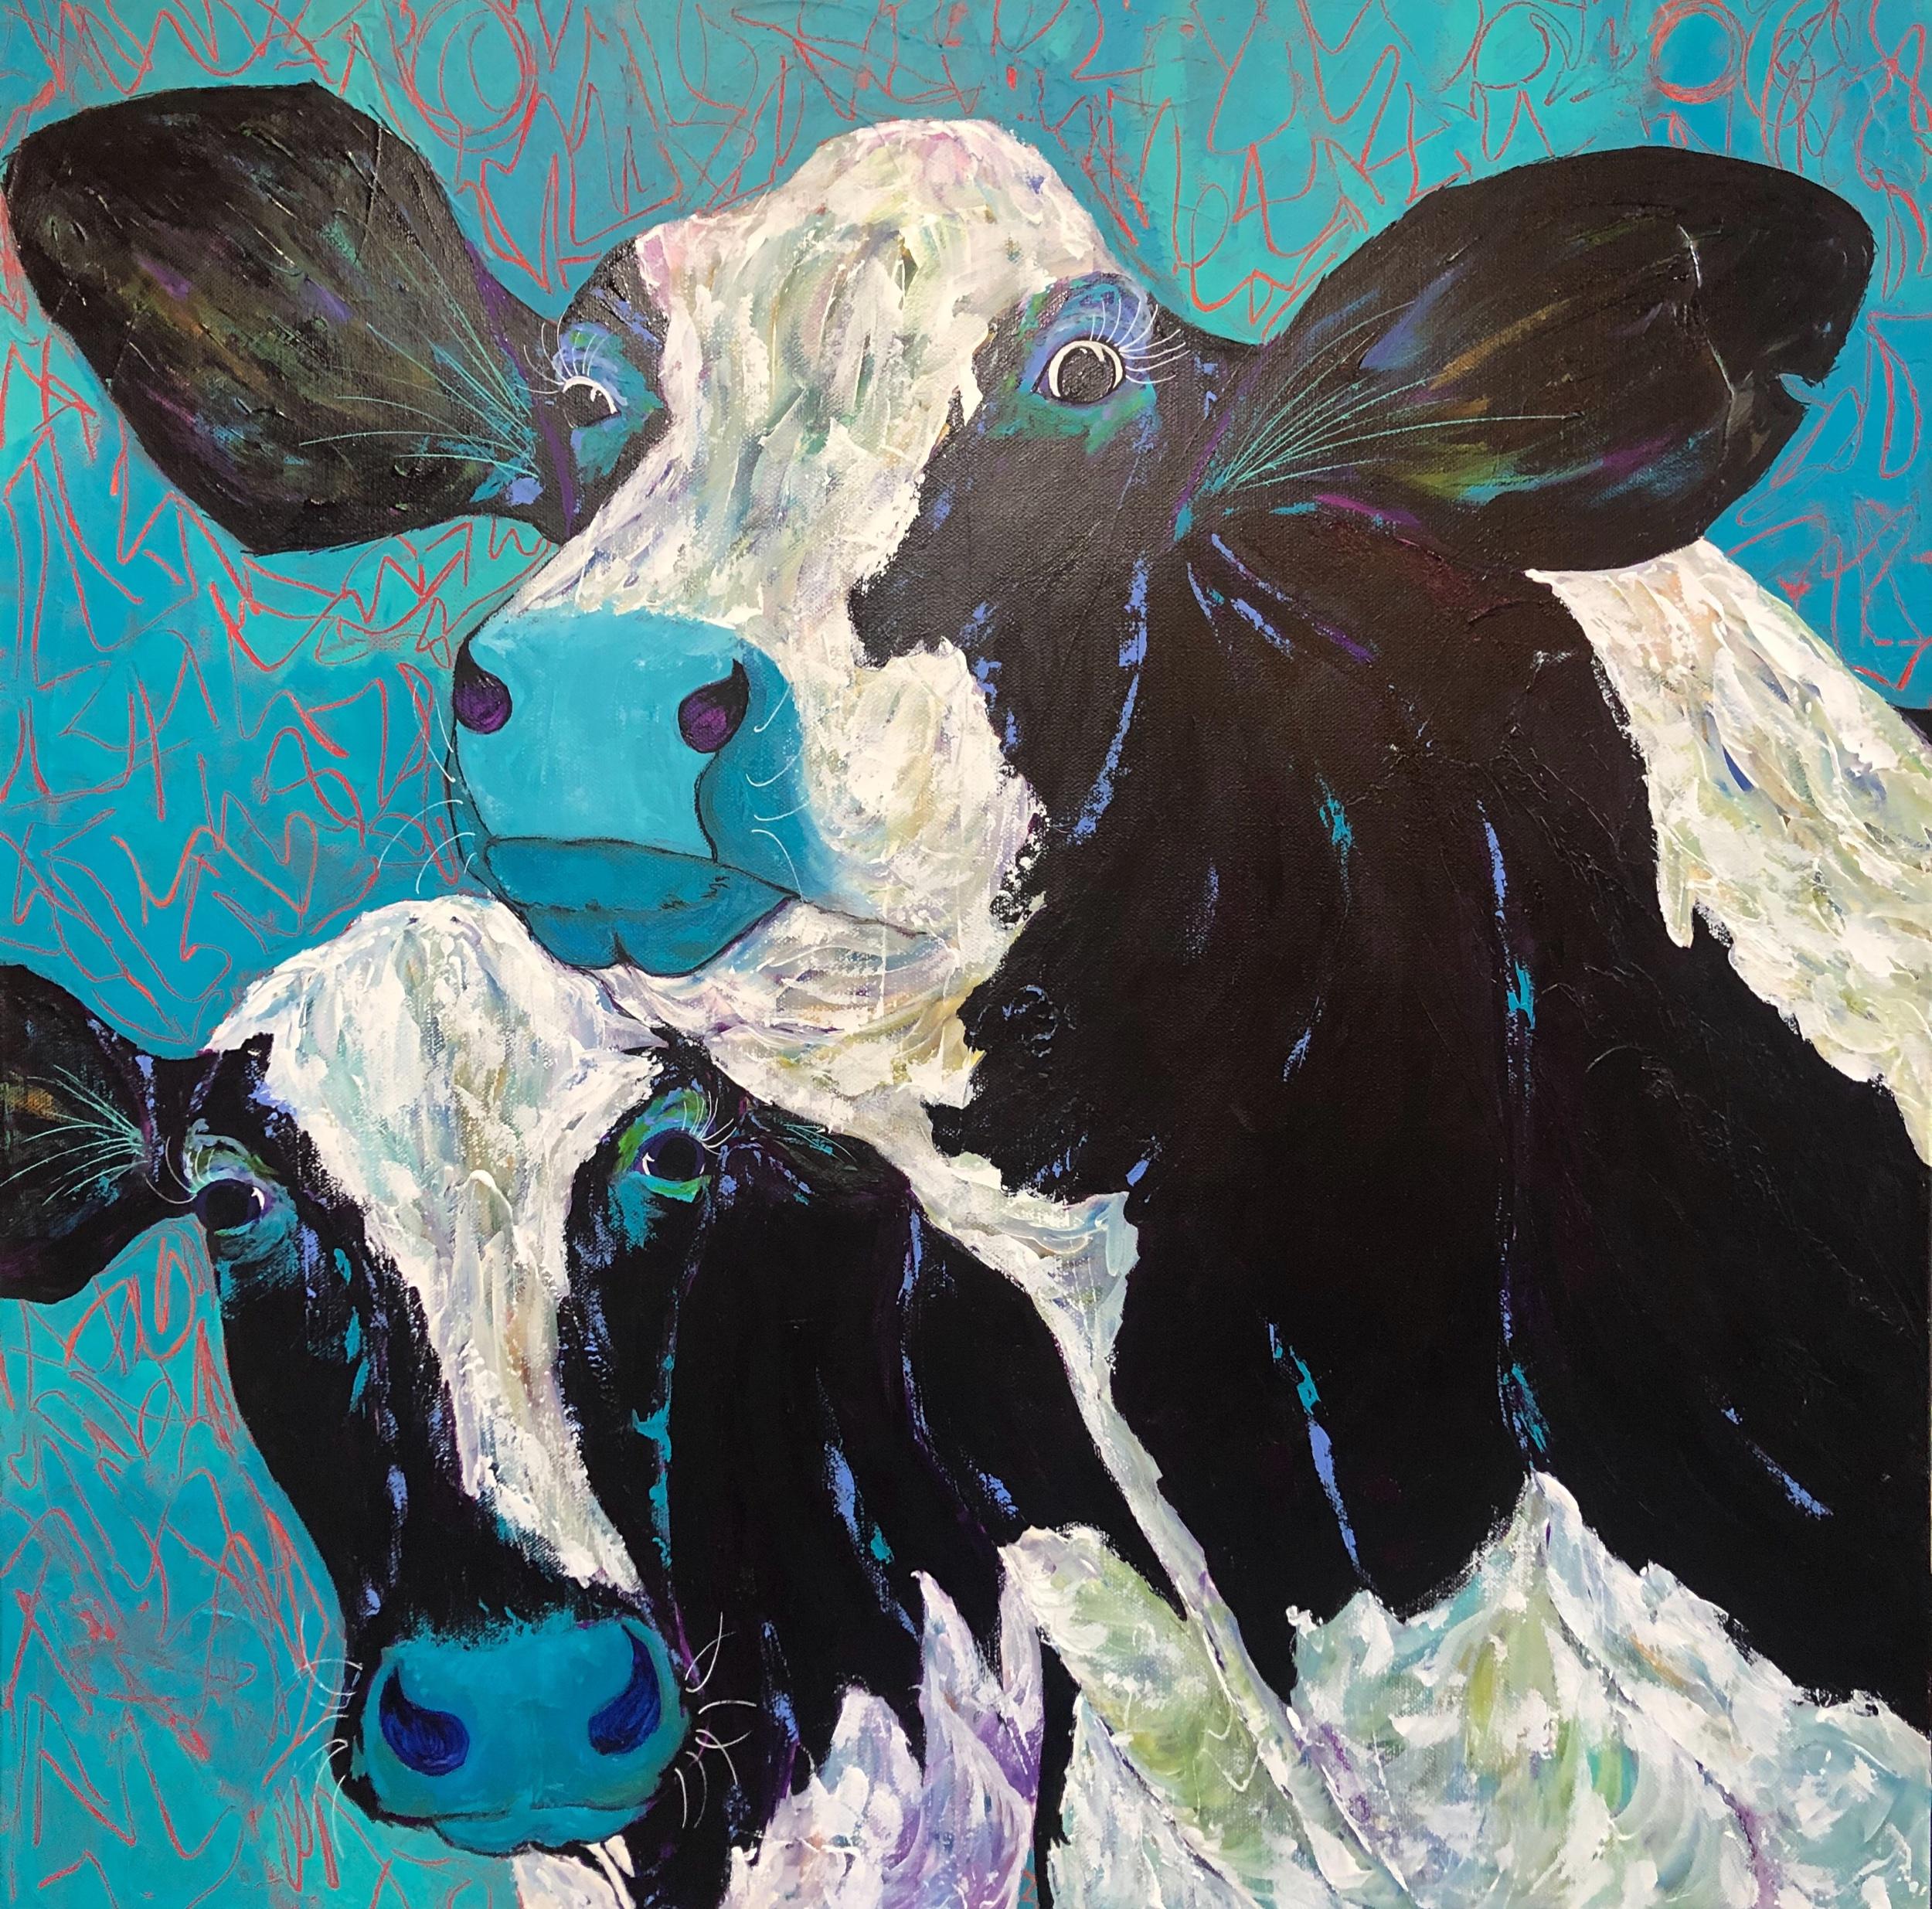 Whistler's Cows